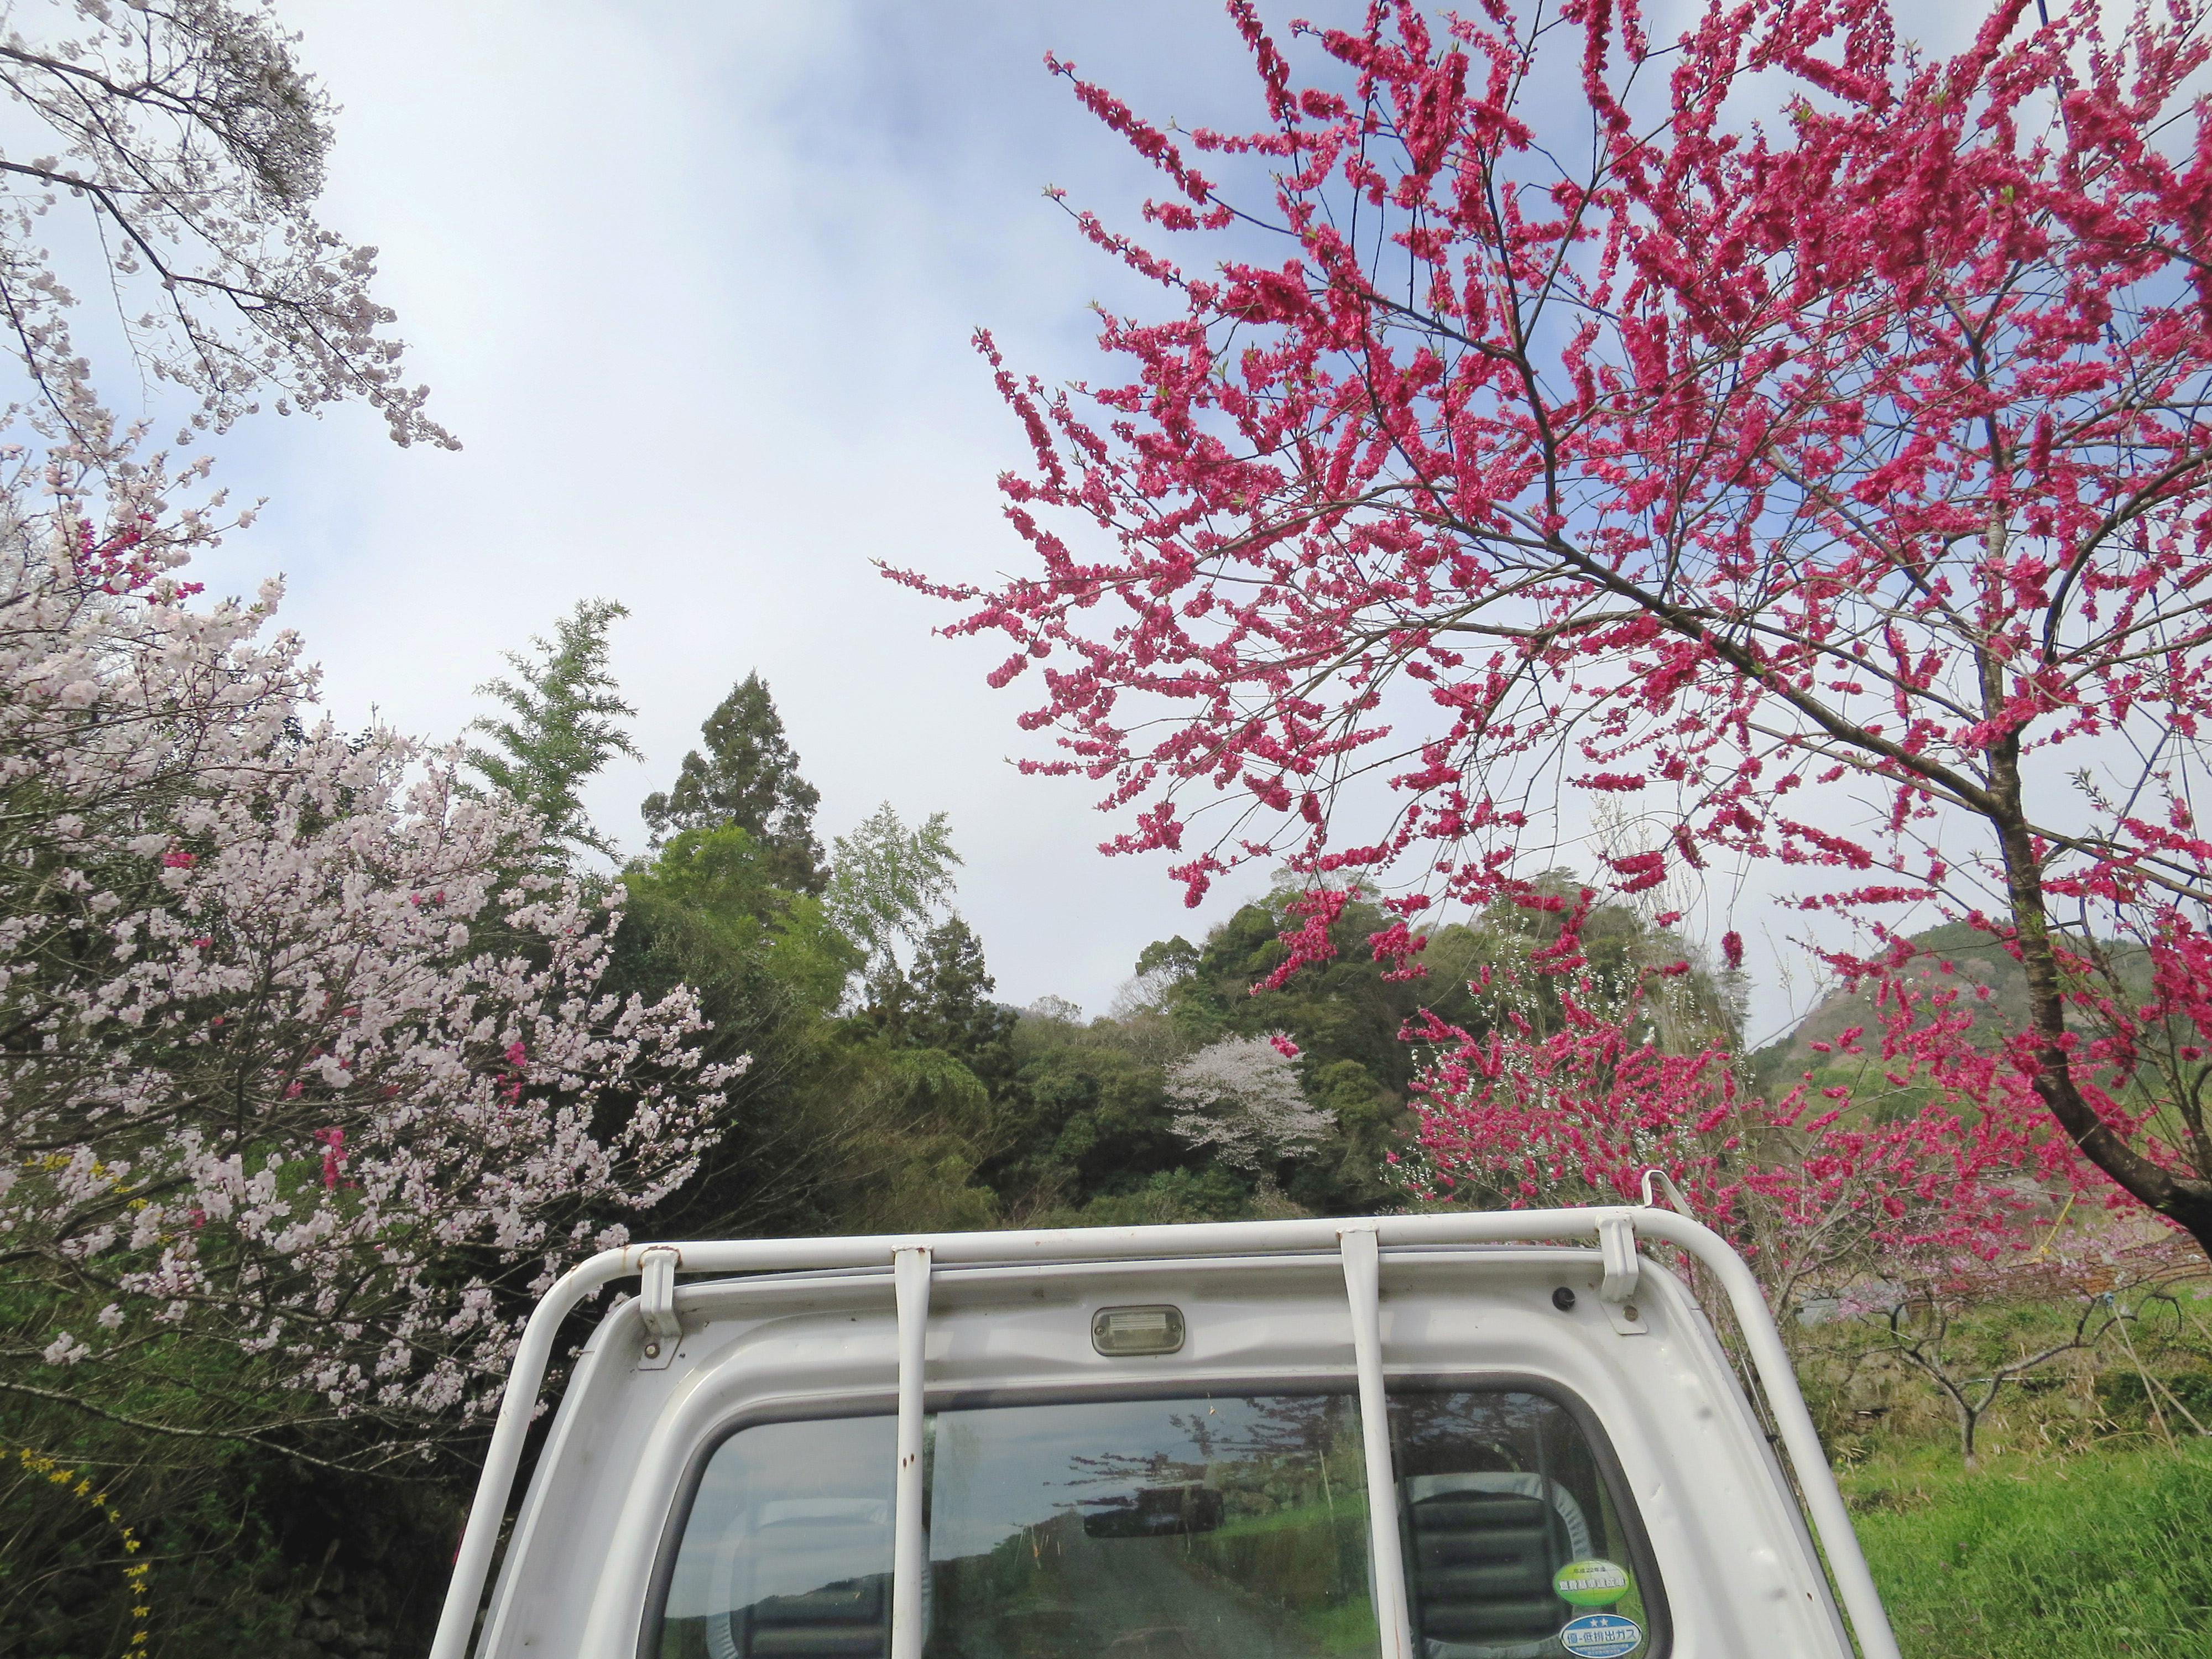 軽トラの荷台から春の野の景色桃梅紅梅桜